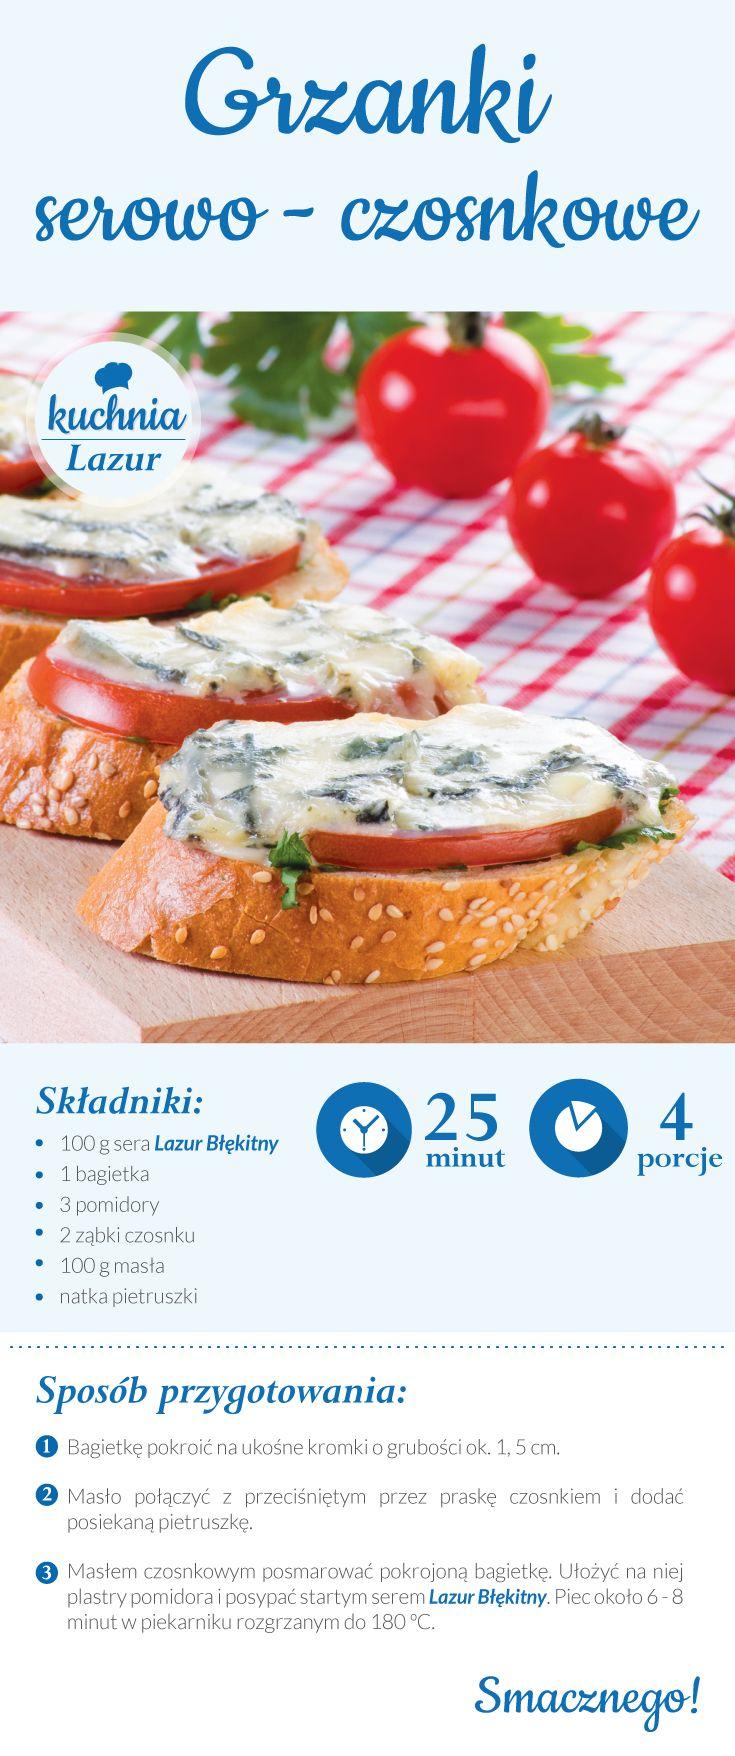 Grzanki serowo-czosnkowe /grzanki /ser /Lazur /ser pleśniowy /rokpol /przepisy /kuchnia lazur